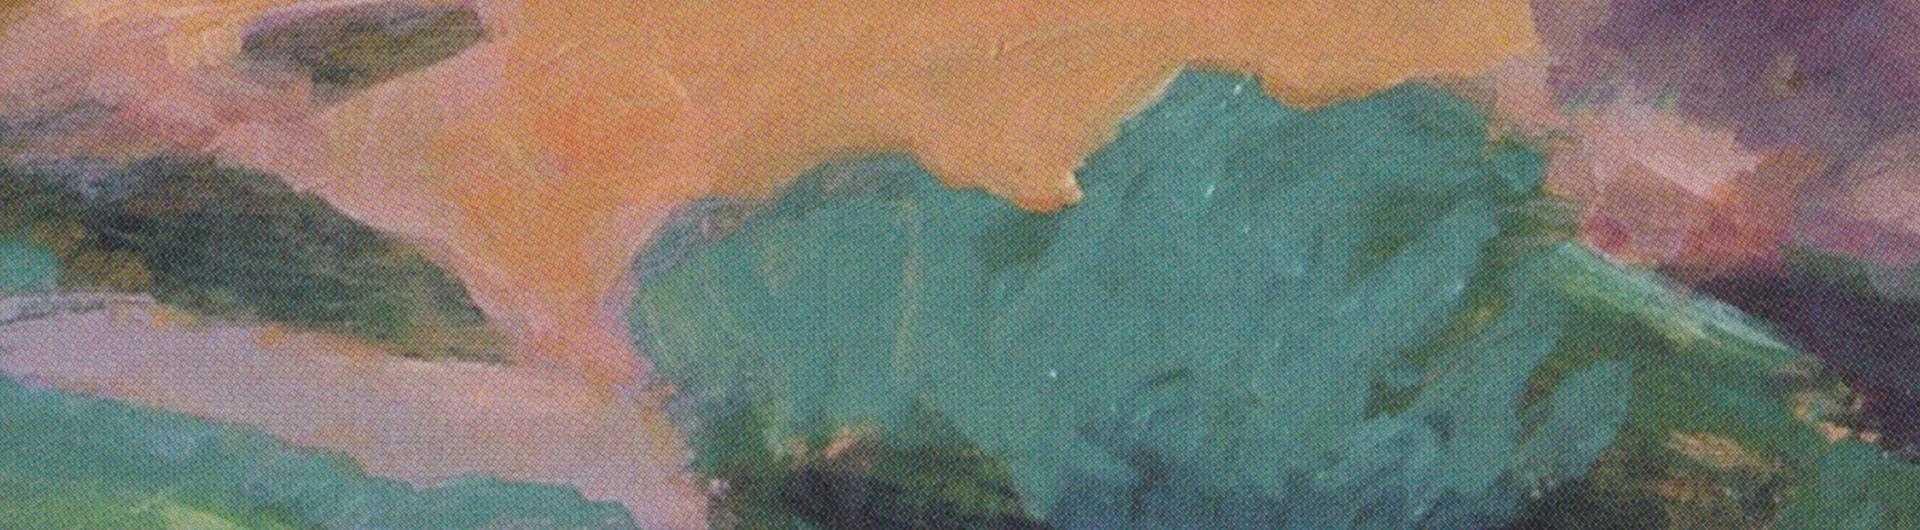 Detail - Schirin Fatemi - Sonderausstellung